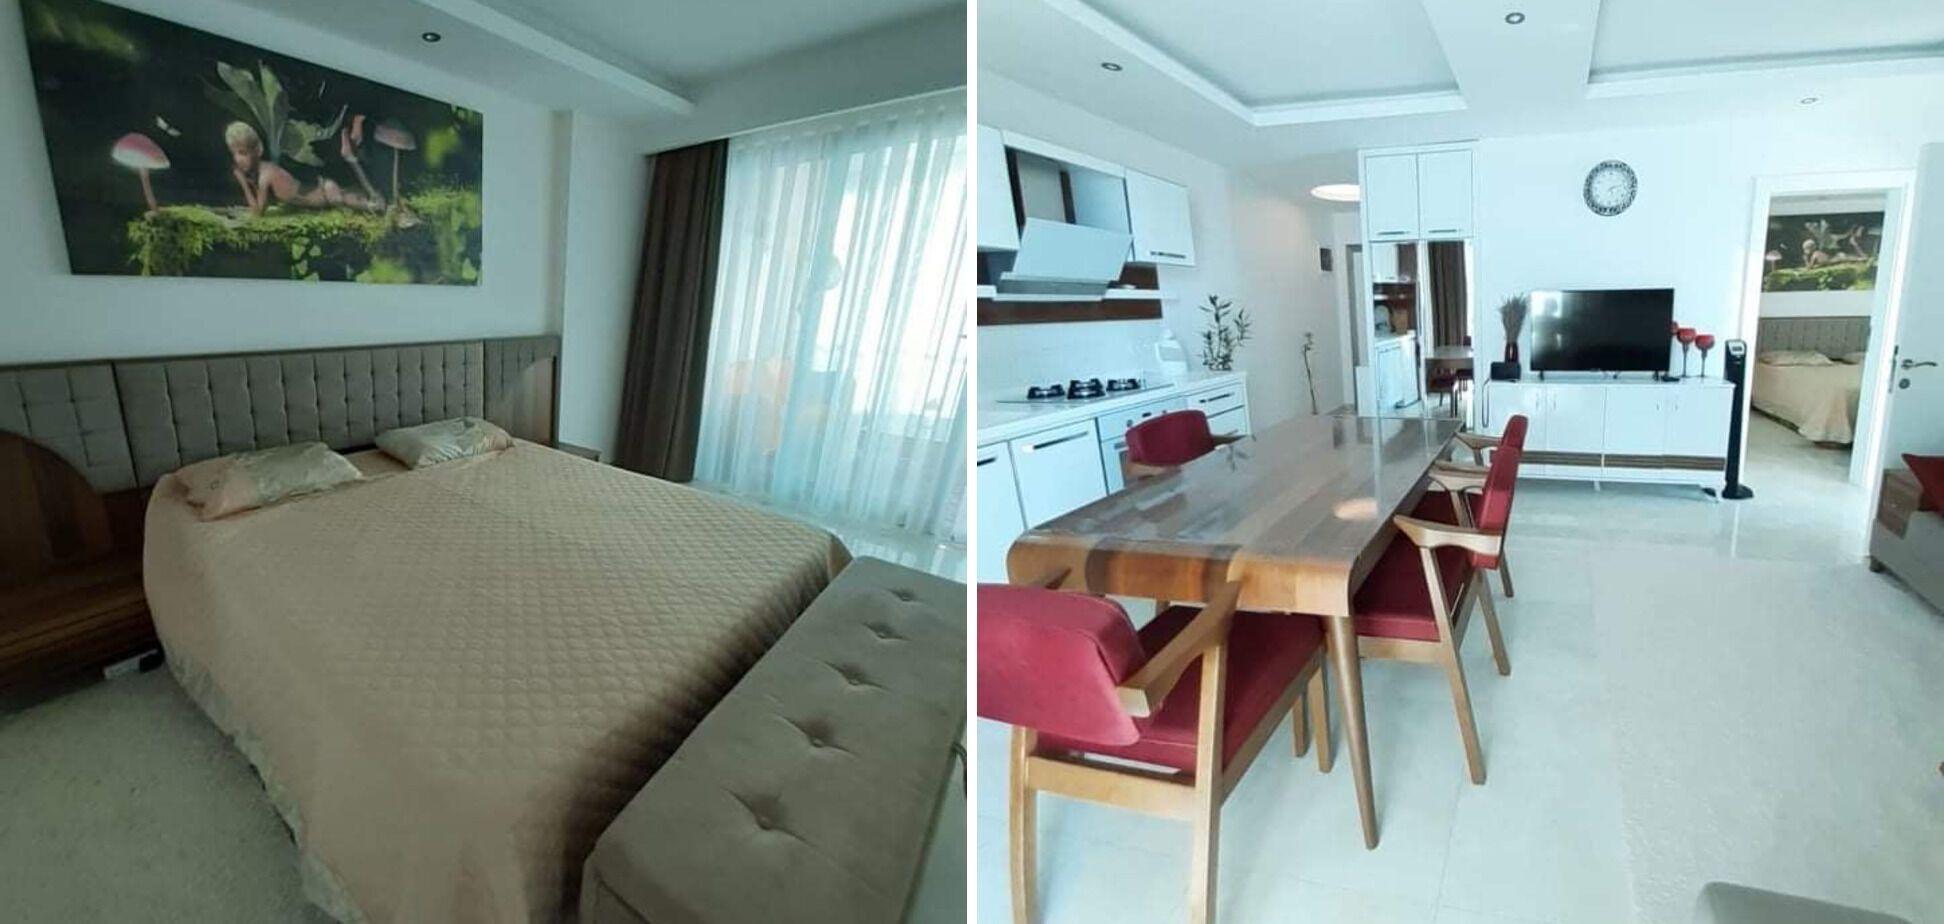 Апартаменты формата 1+1, то есть с большой кухней-студио и отдельной спальней, можно снять самостоятельно через интернет.